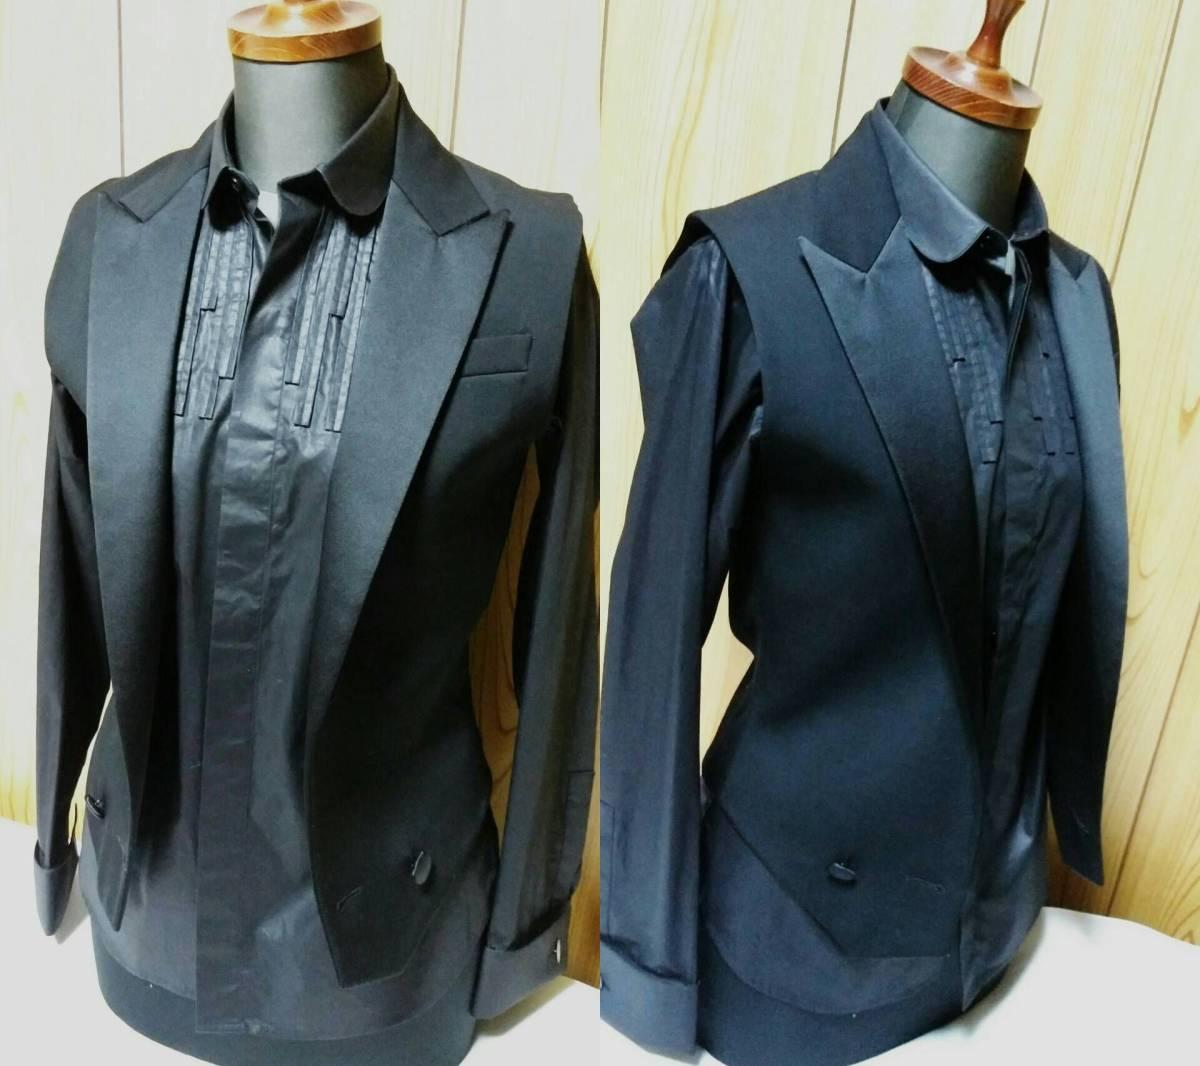 国内正規新古 Dior Hommeディオールオム スモーキングラペルジレ黒 ピークド光沢ラペルブラックベスト 最小38 XXS ジャケット以上の存在感!_画像7